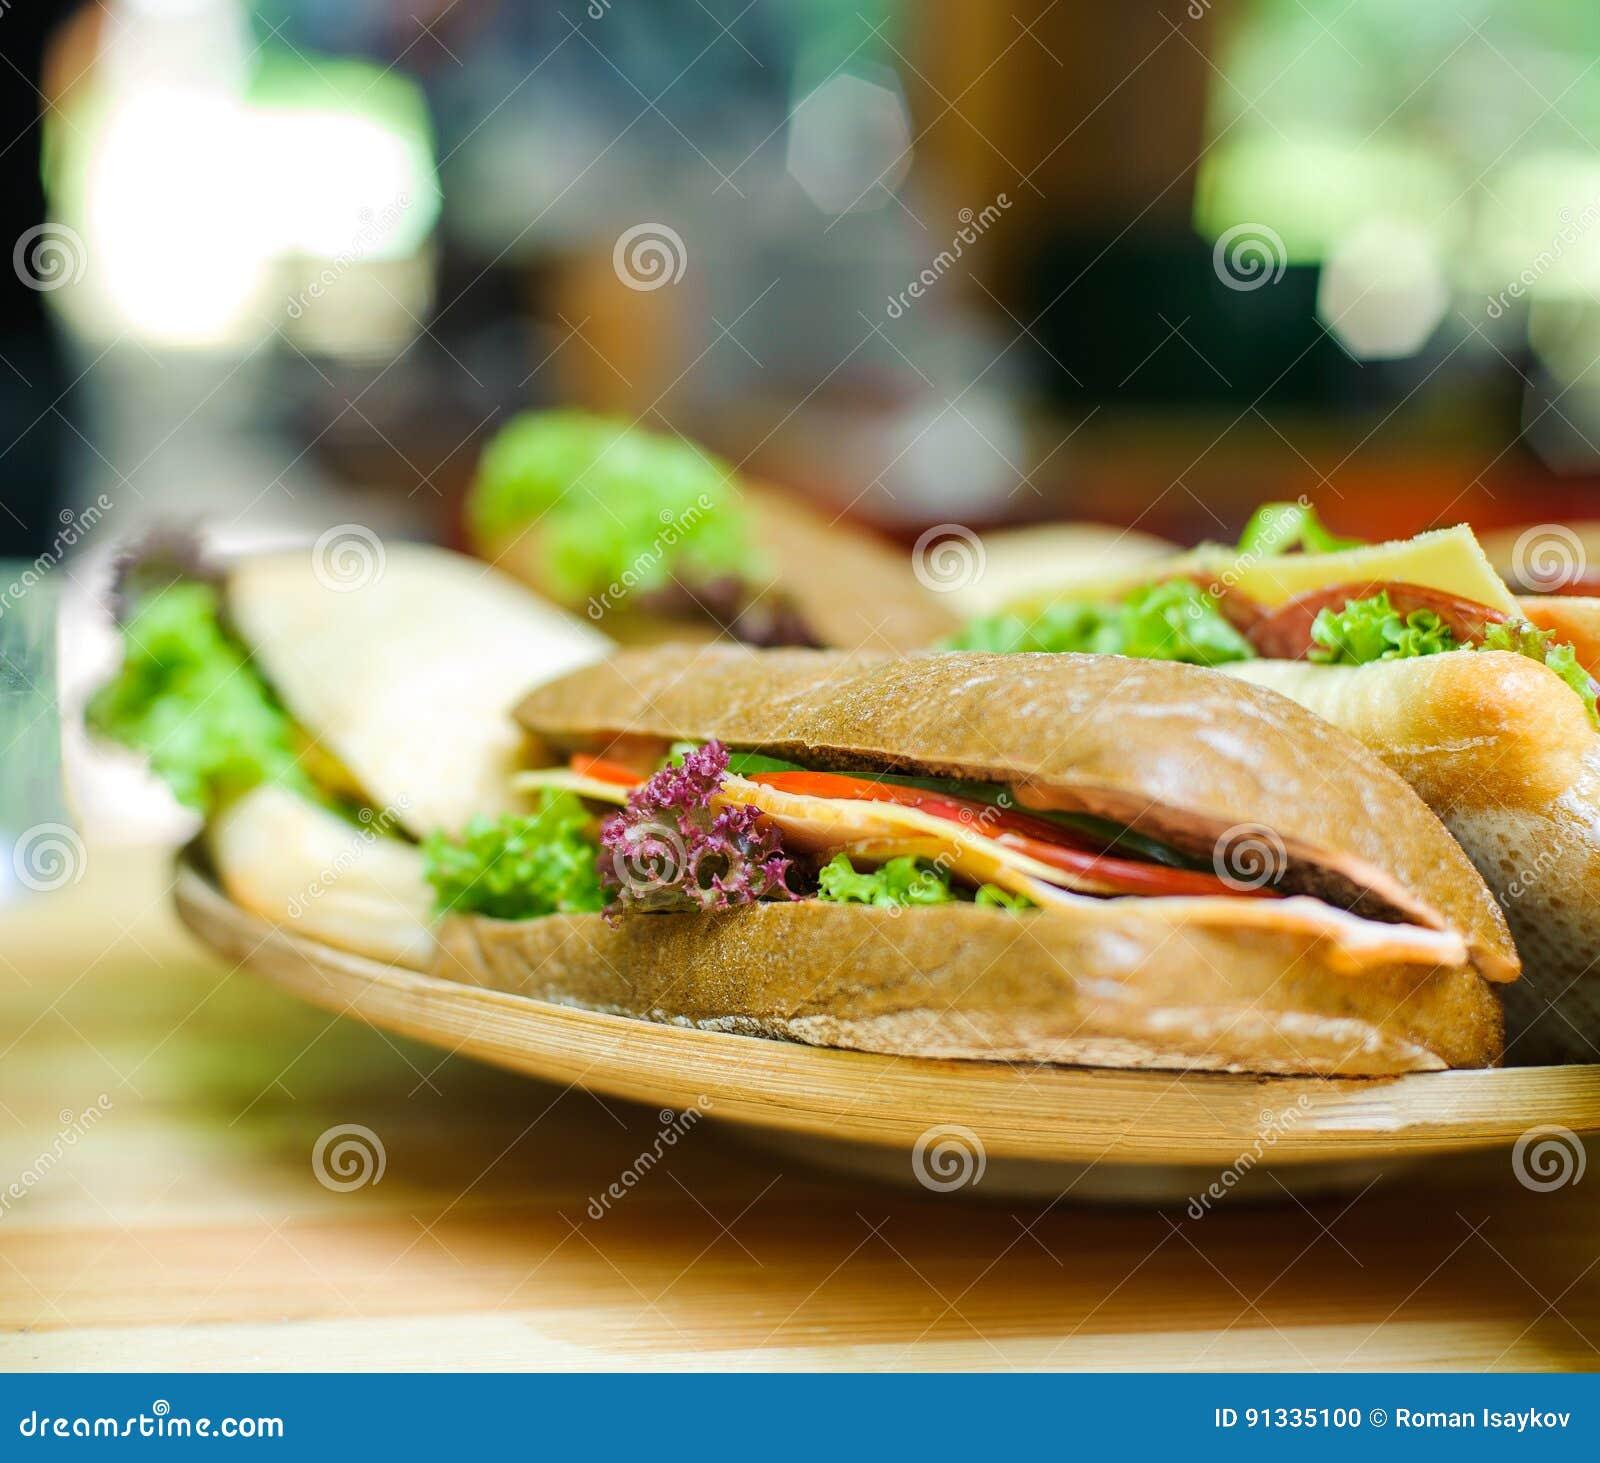 Sandwich d un plat en bois